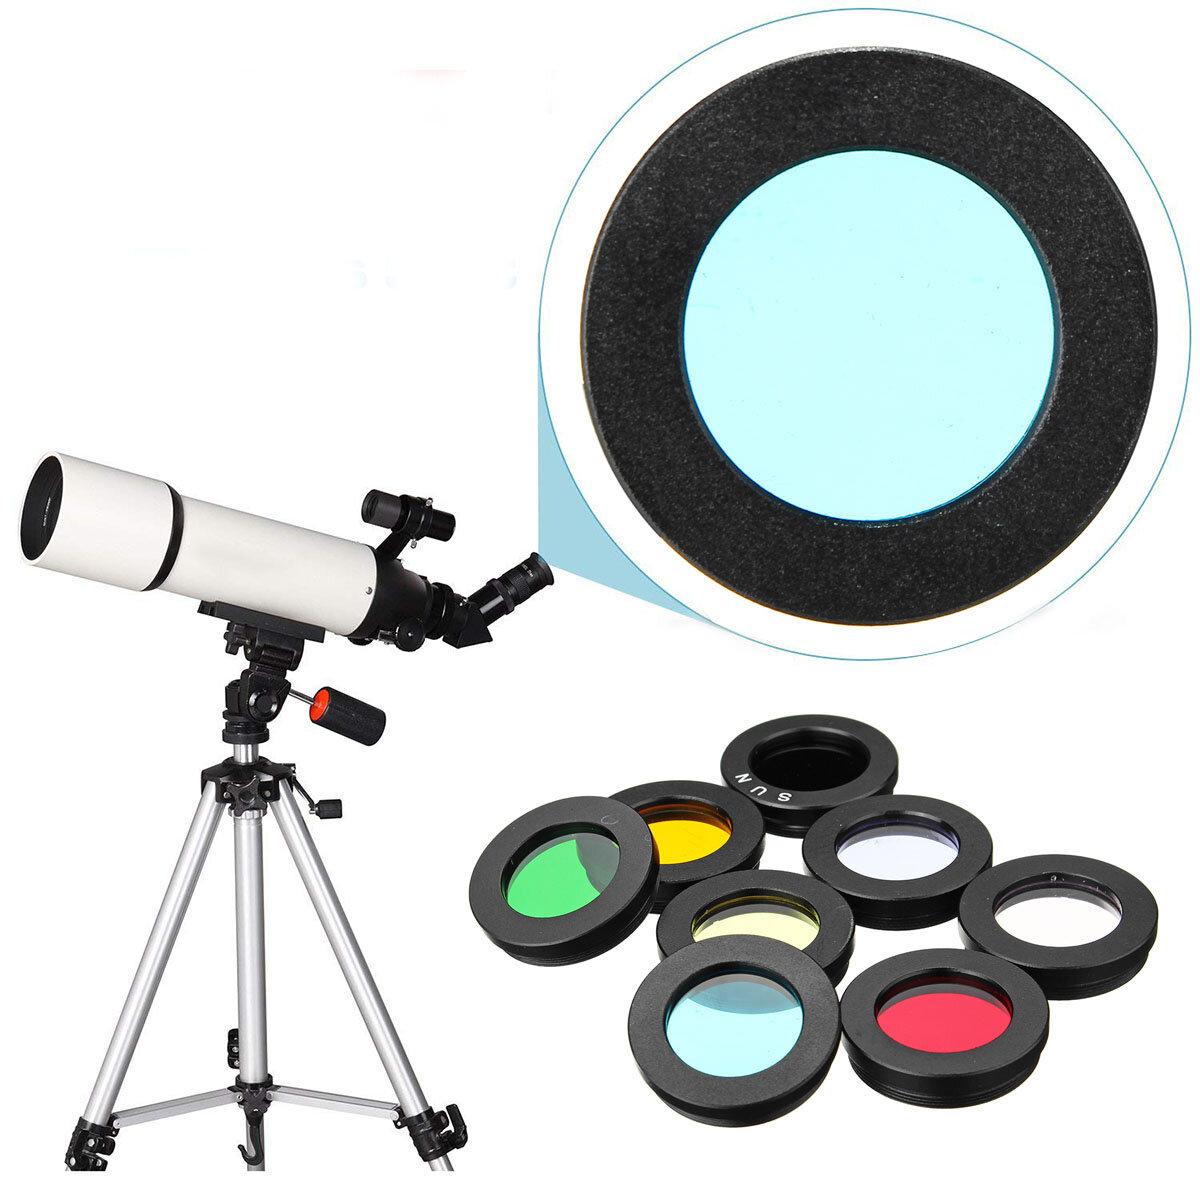 8 Pz / set 1,25 pollici lente Kit Filtro Nebulosa Filtro Luna Filtro Sole Per Telescopio Oculare Accessori